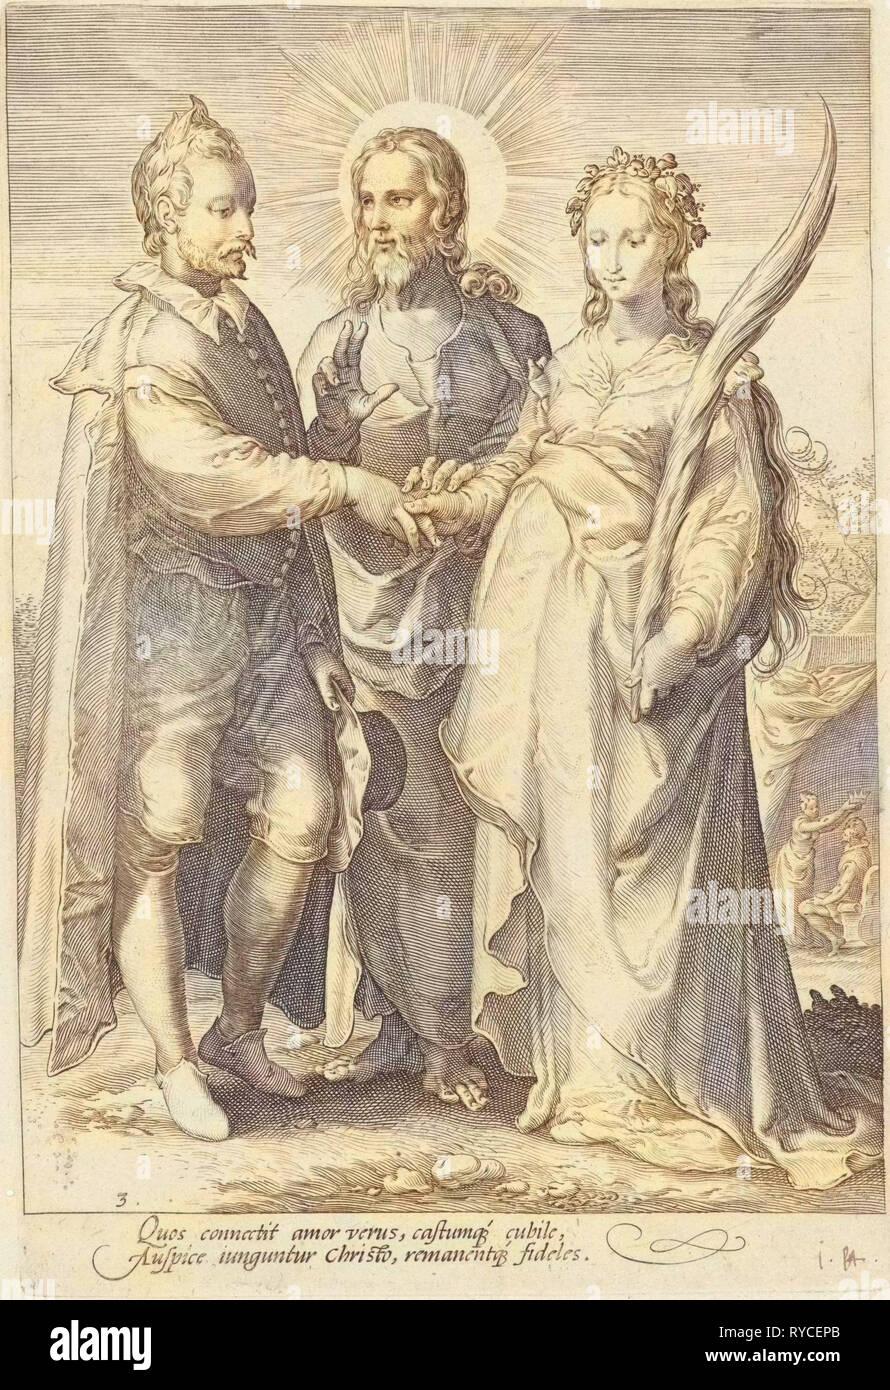 Marriage of spiritual love through Christ closed, Jan Saenredam, Hendrick Goltzius, Cornelius Schonaeus, 1575-1607 - Stock Image